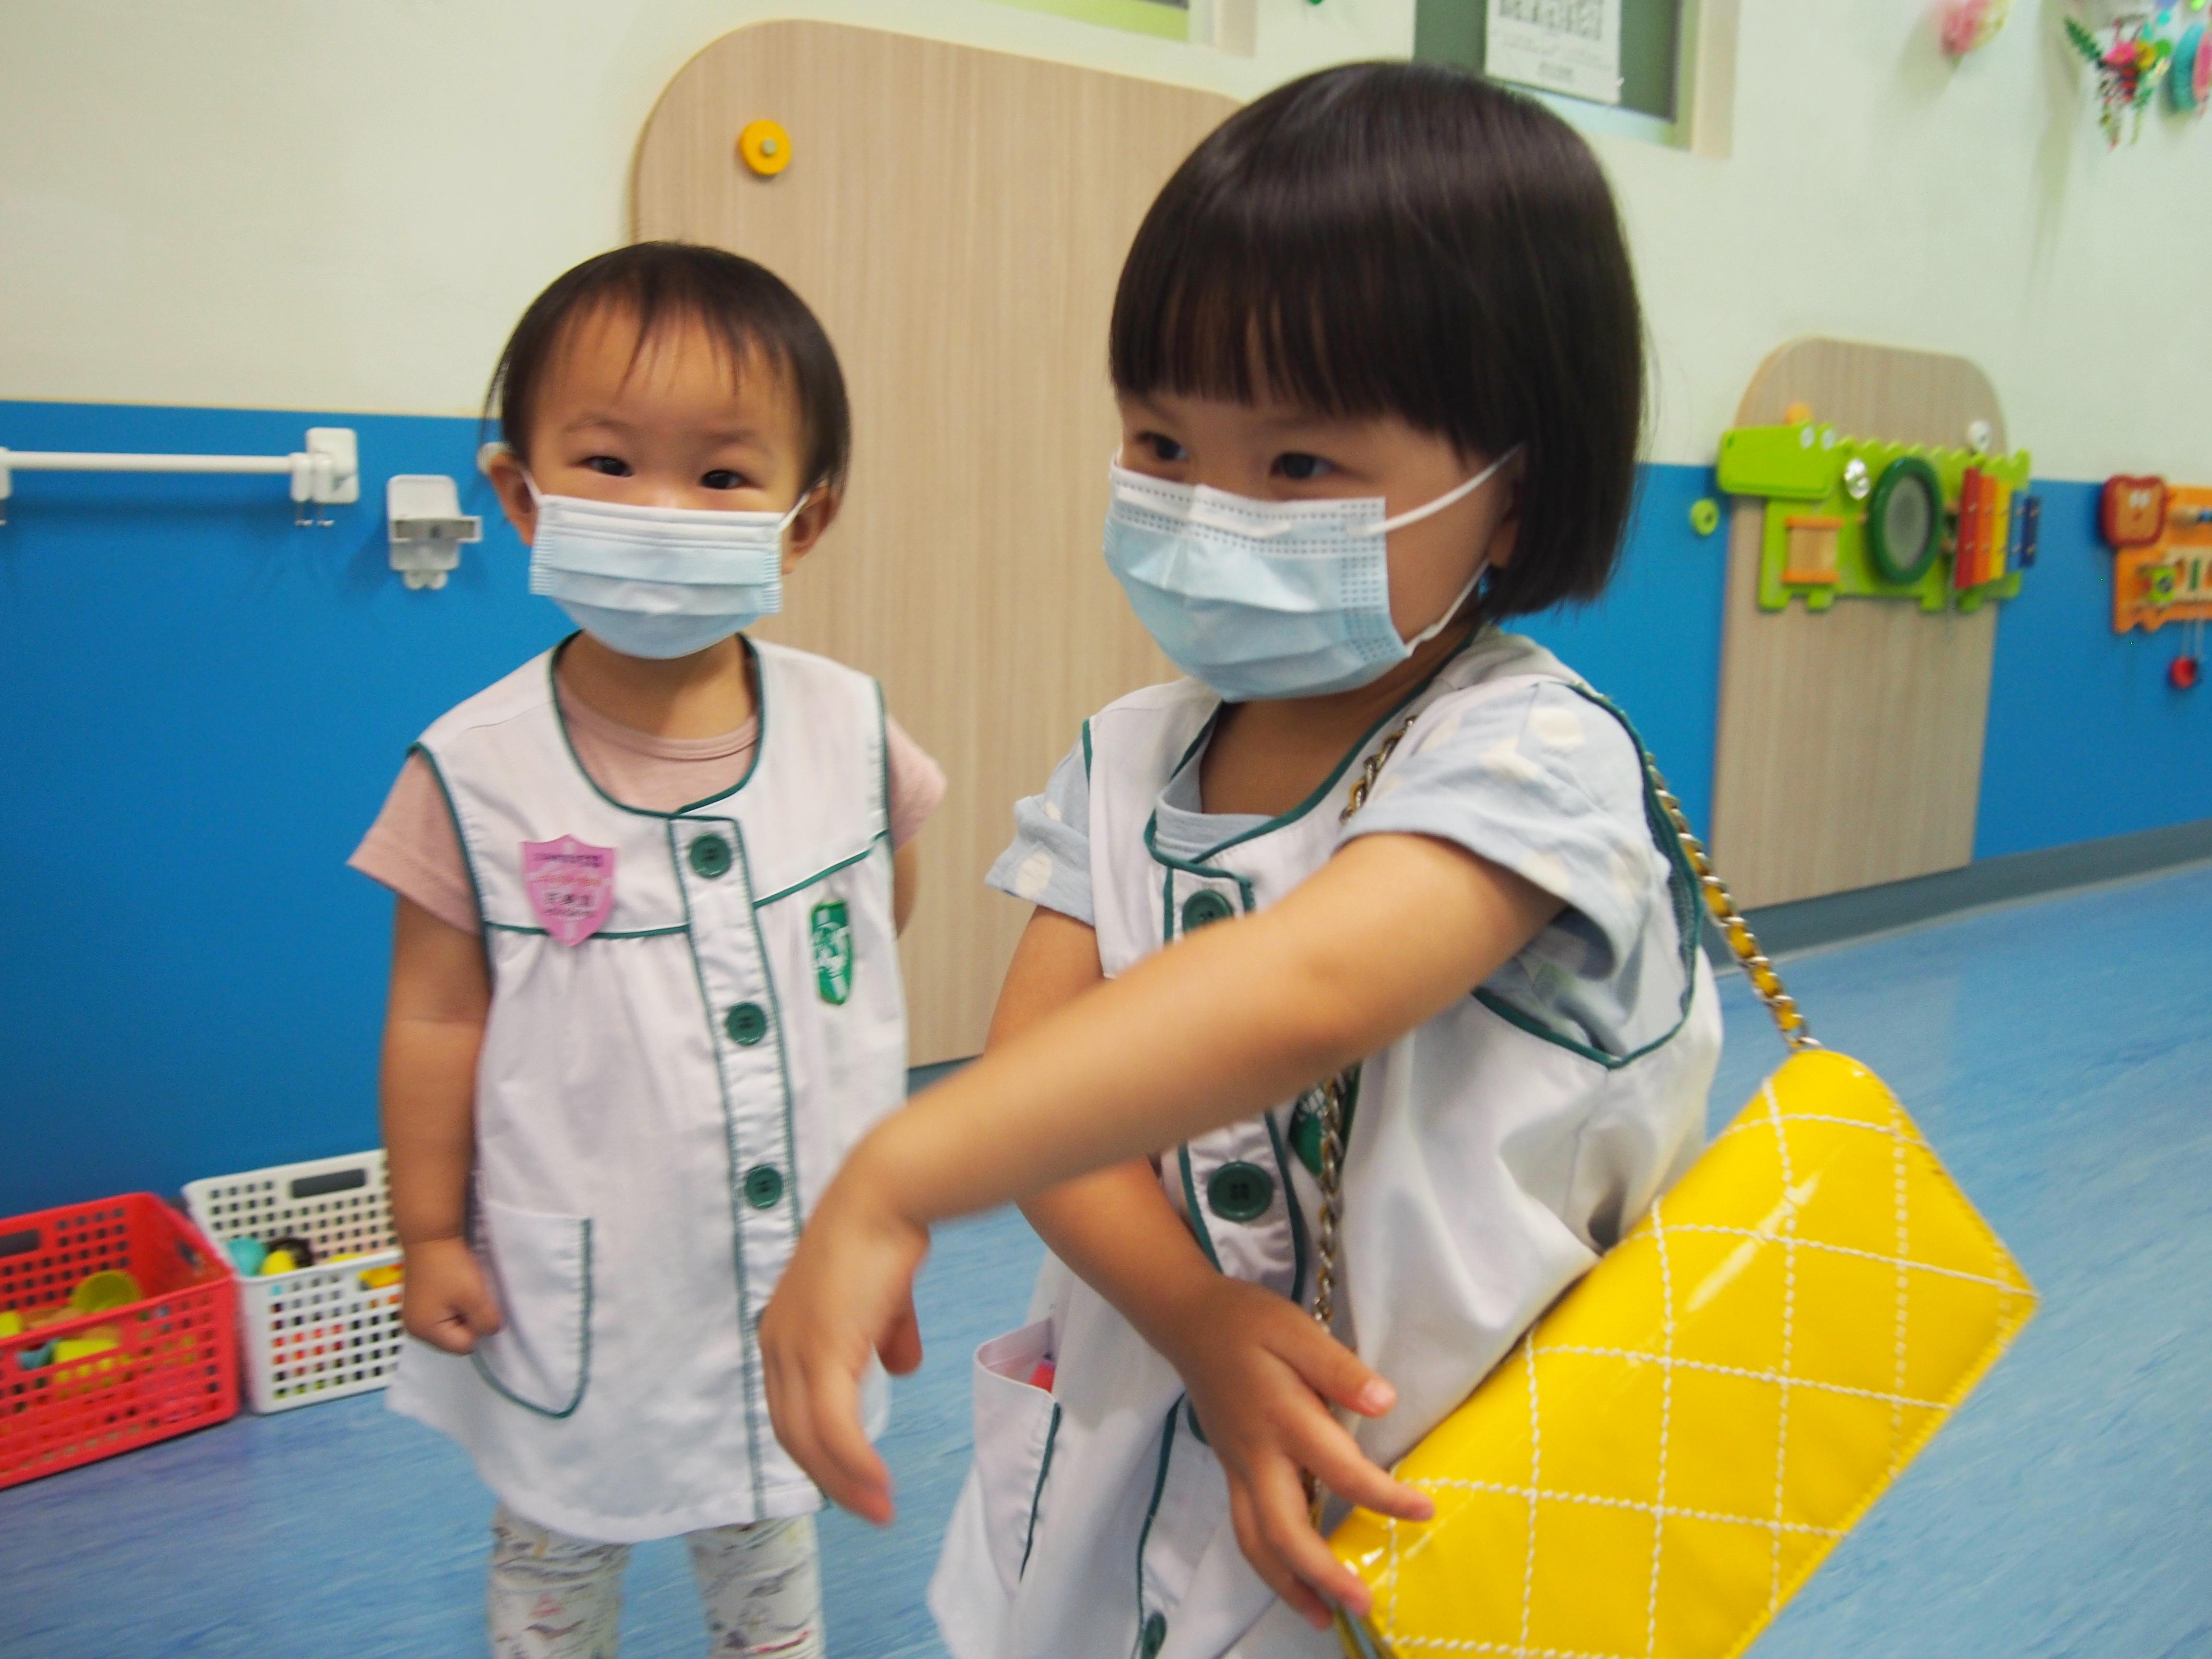 http://npmc.edu.hk/sites/default/files/p1010699a.jpg